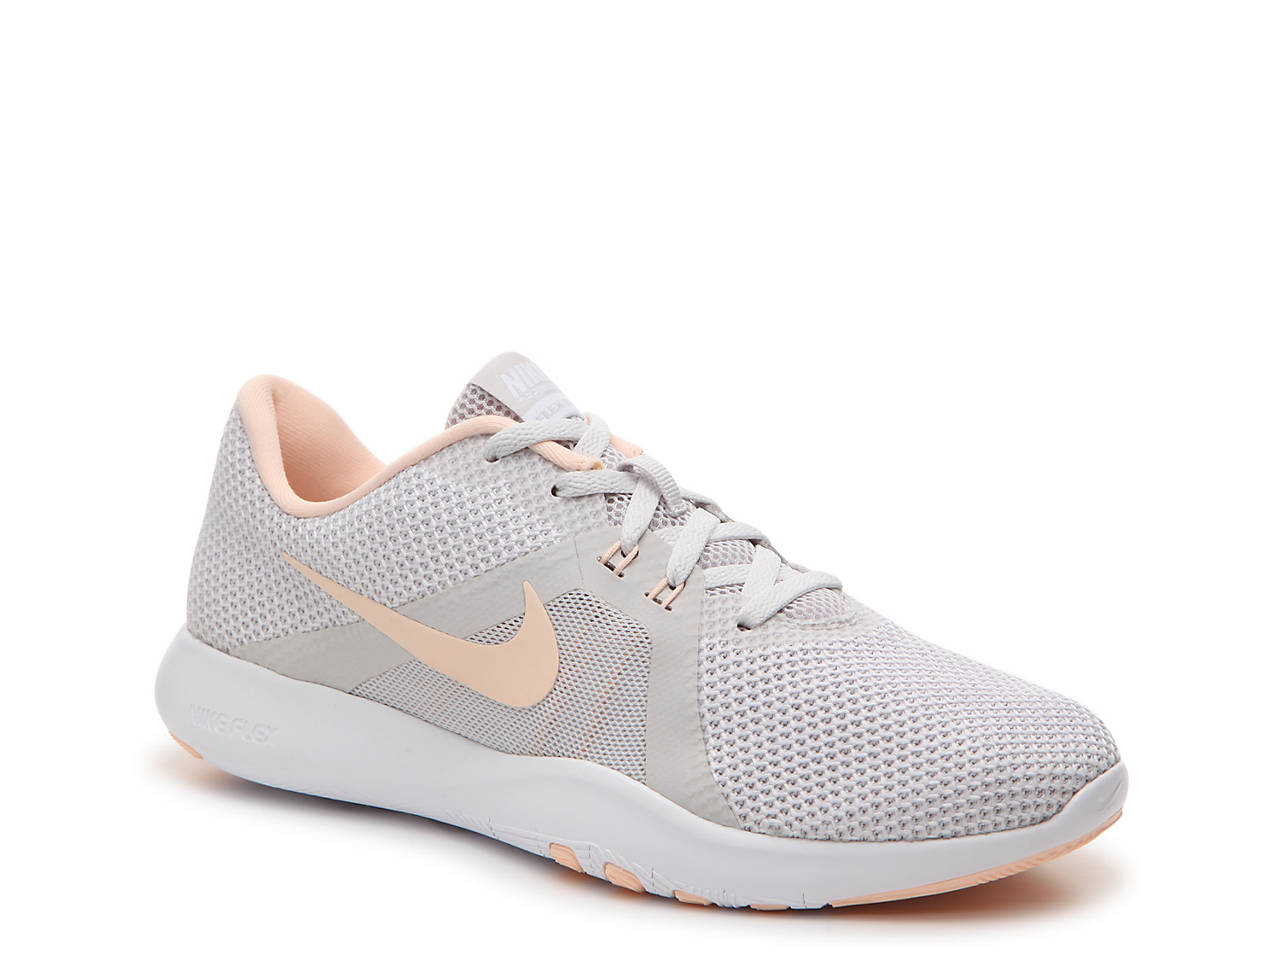 Flex Tr 8 Lightweight Training Shoe   Women's by Nike